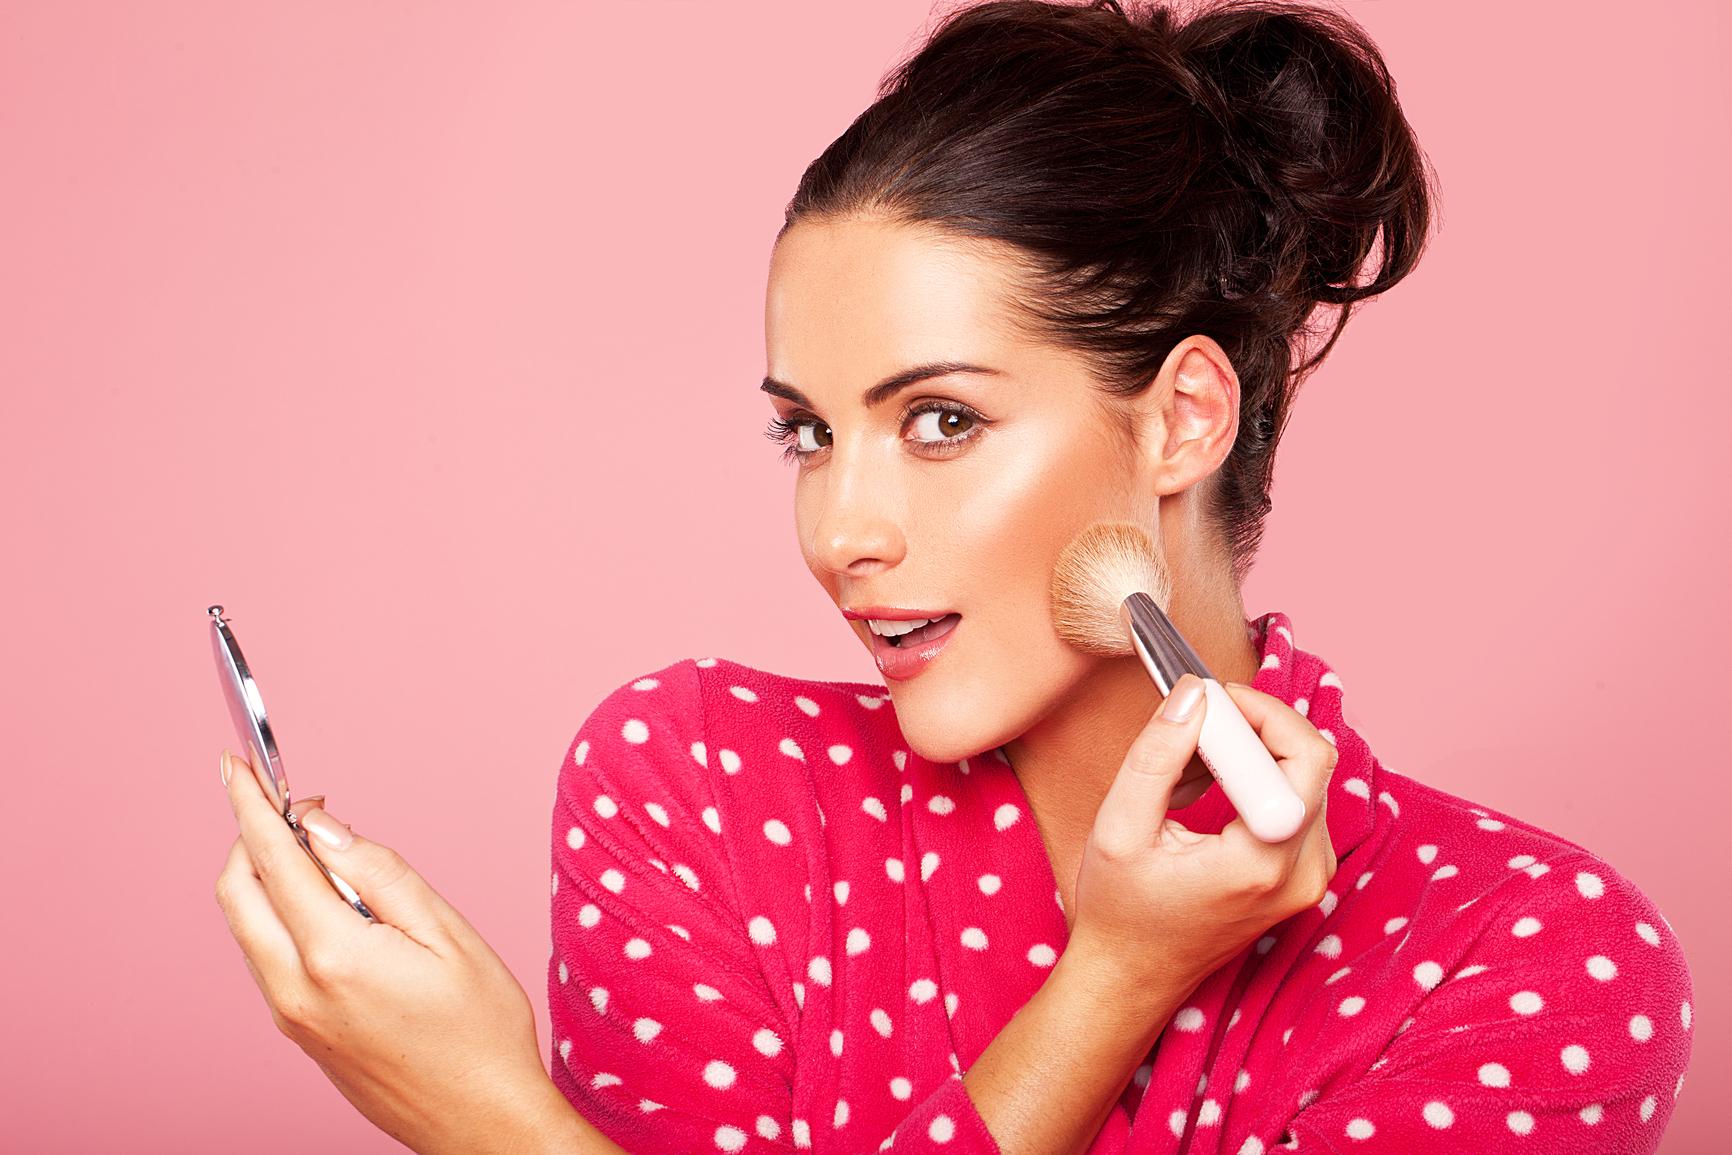 Маленькие секреты макияжа если вам за